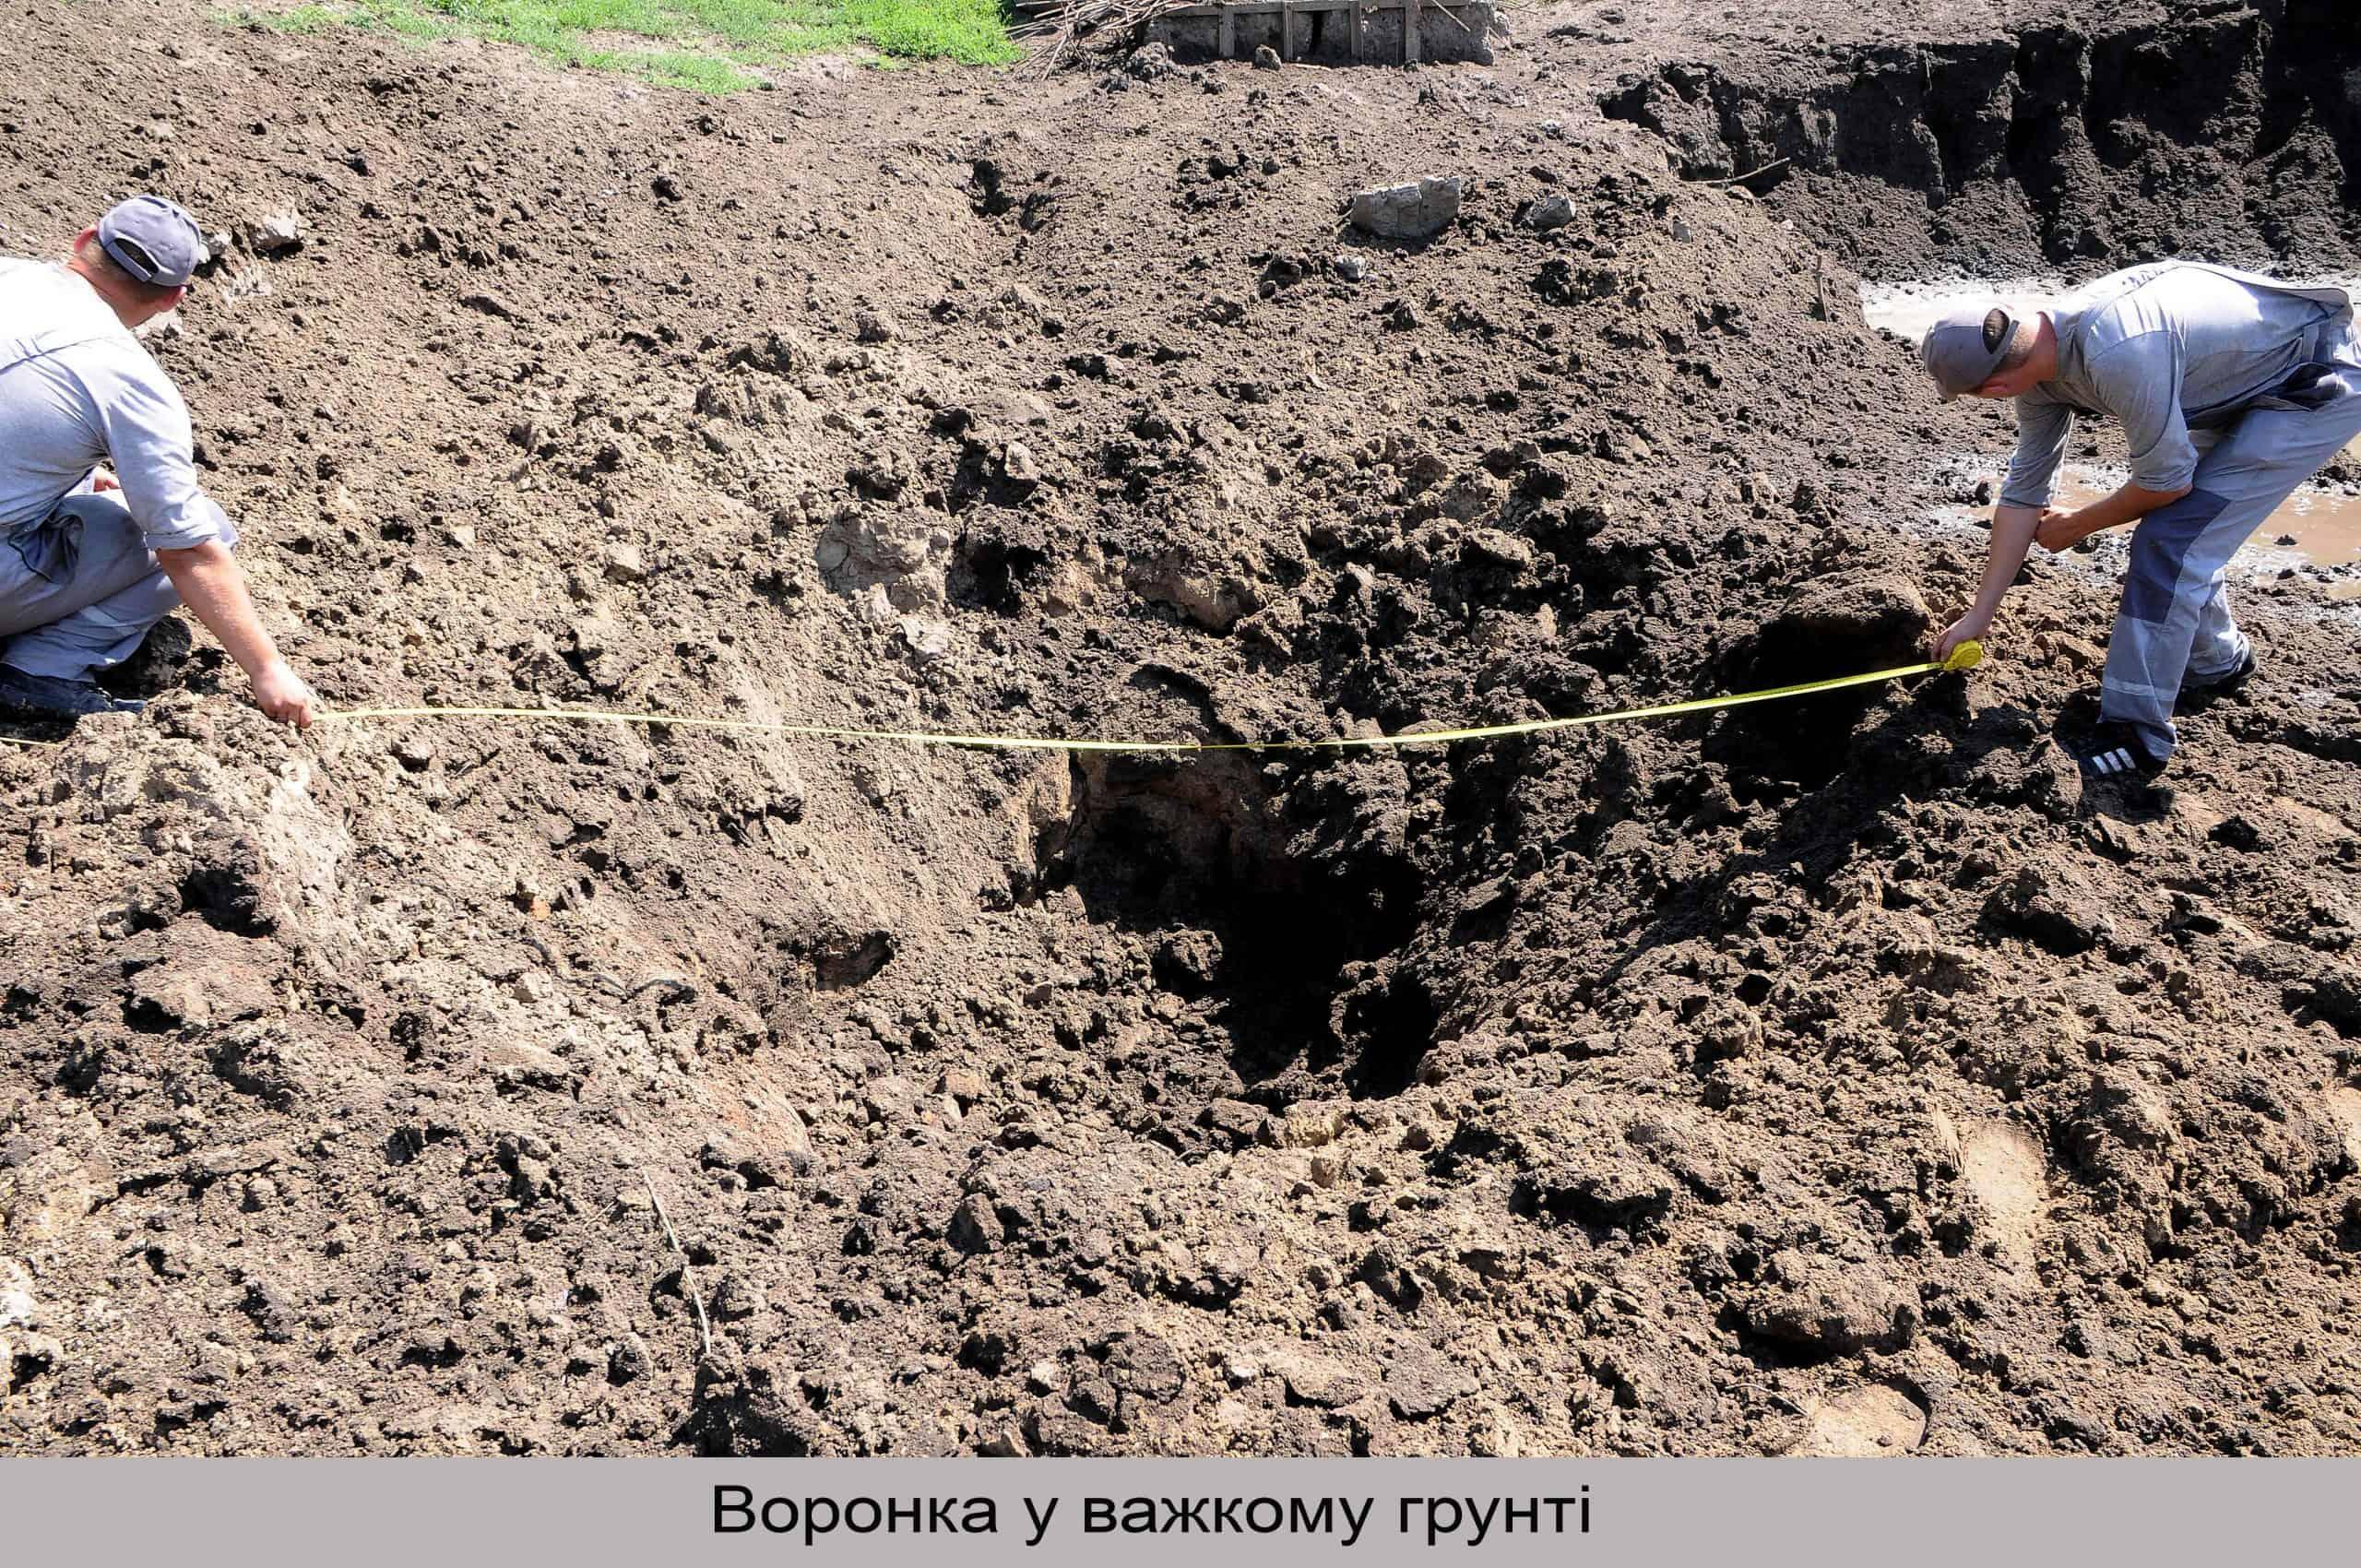 Воронка від підриву 155-мм снаряду розробки «Рубін-2017» у важкому грунті